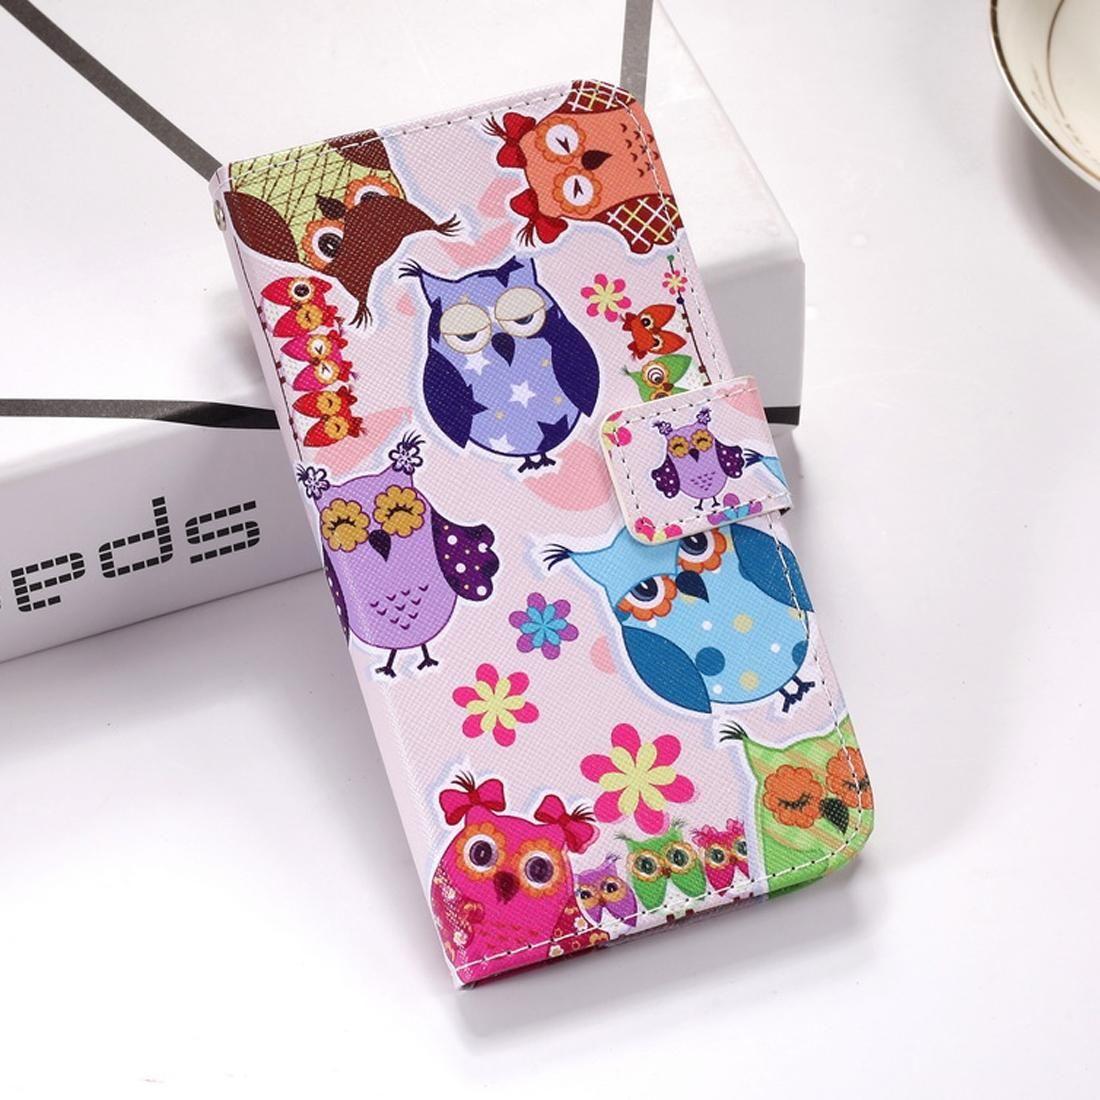 Huawei için Renkli Baykuş Desen Renkli Çizim Yatay çevir Kılıf Tutucu Kart Yuvaları Cüzdan Lanyard ile, 20 X Mate